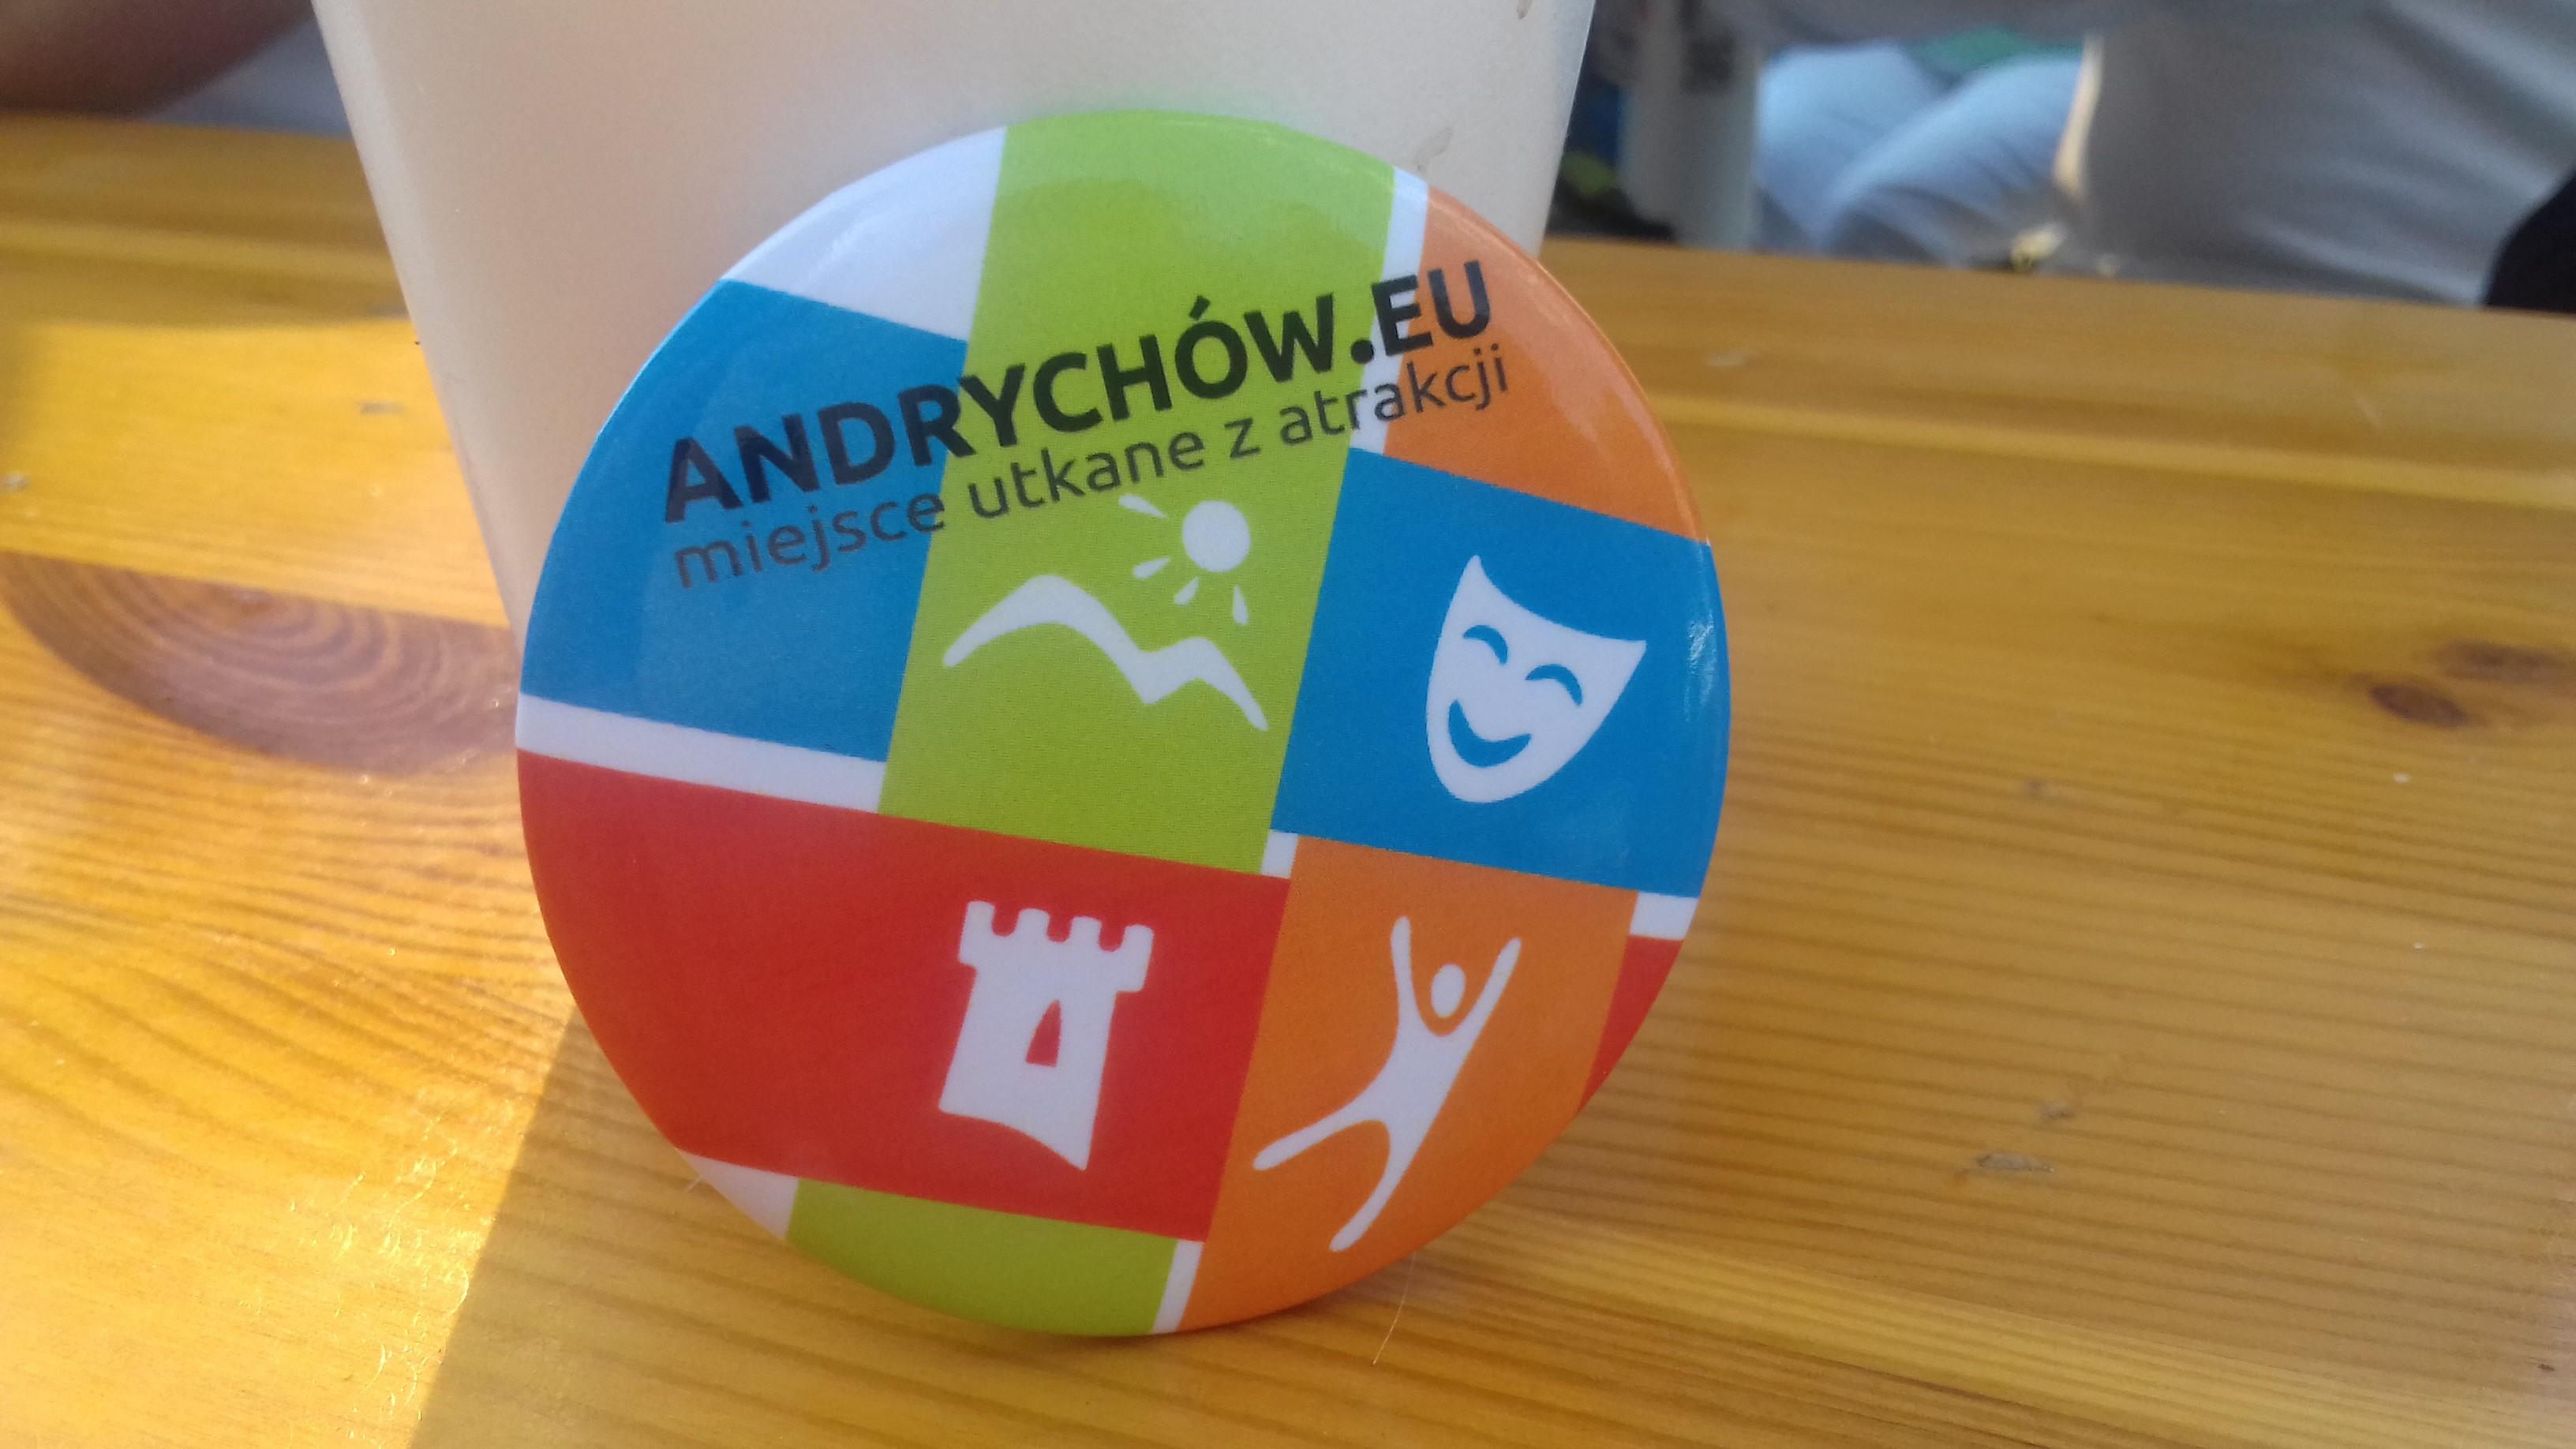 Zdjęcie przypinki z napisem ANDRYCHÓW.EU miejsce utkane z atrakcji